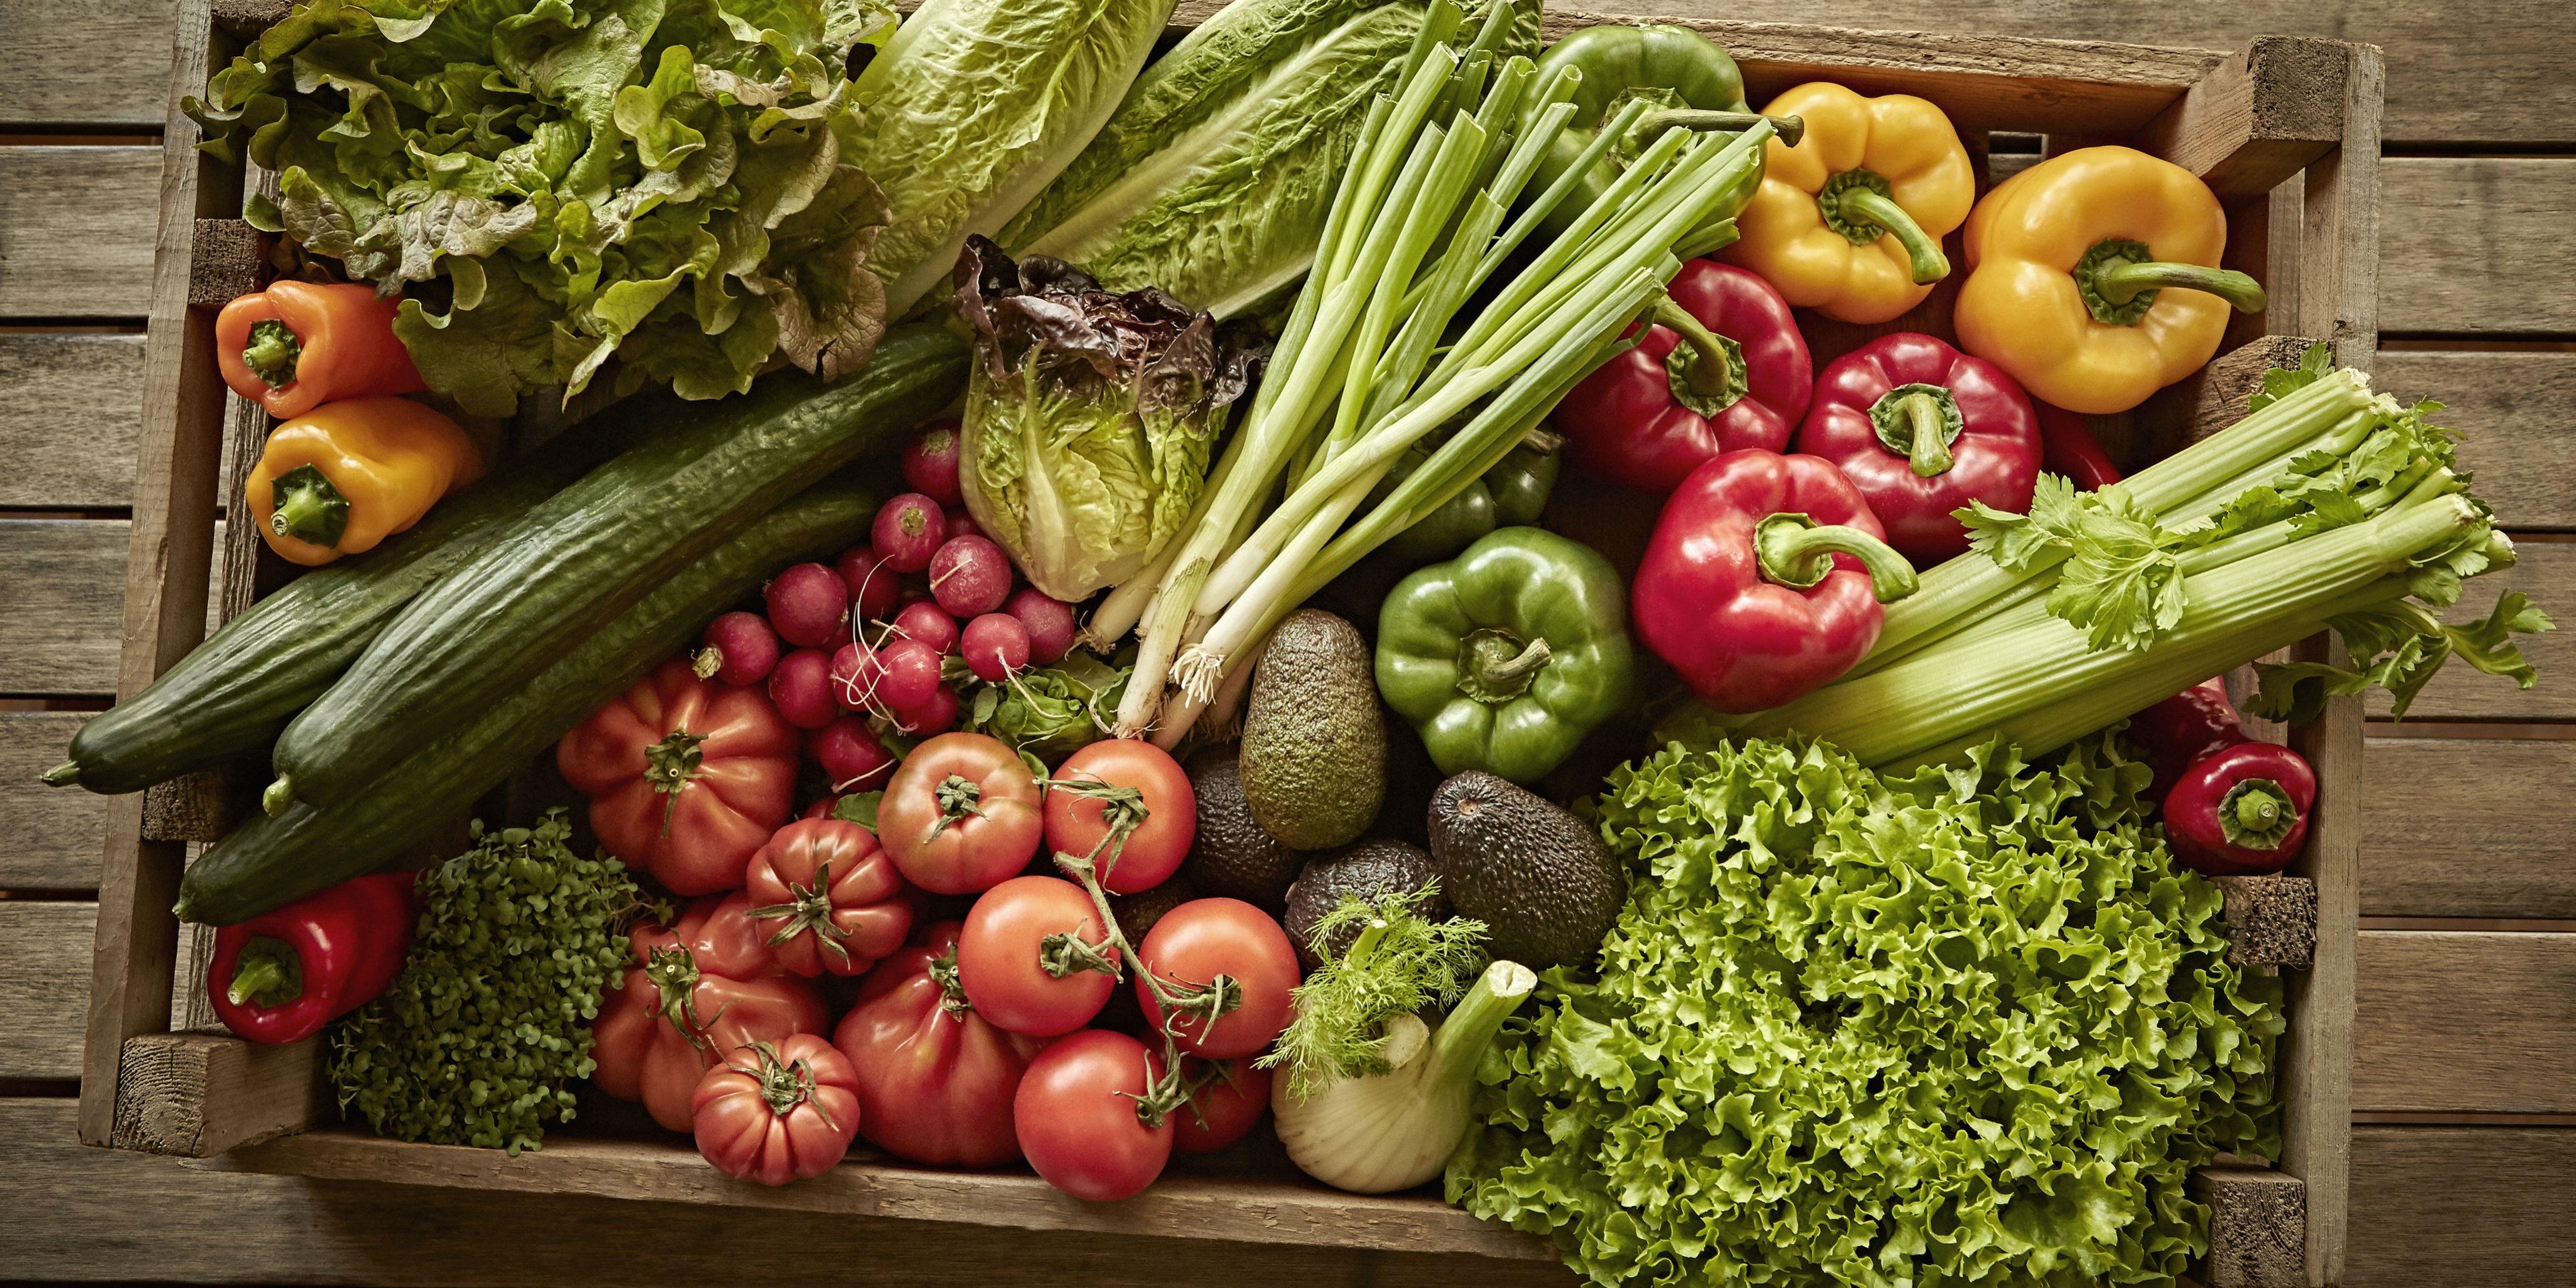 gta food wholesaler